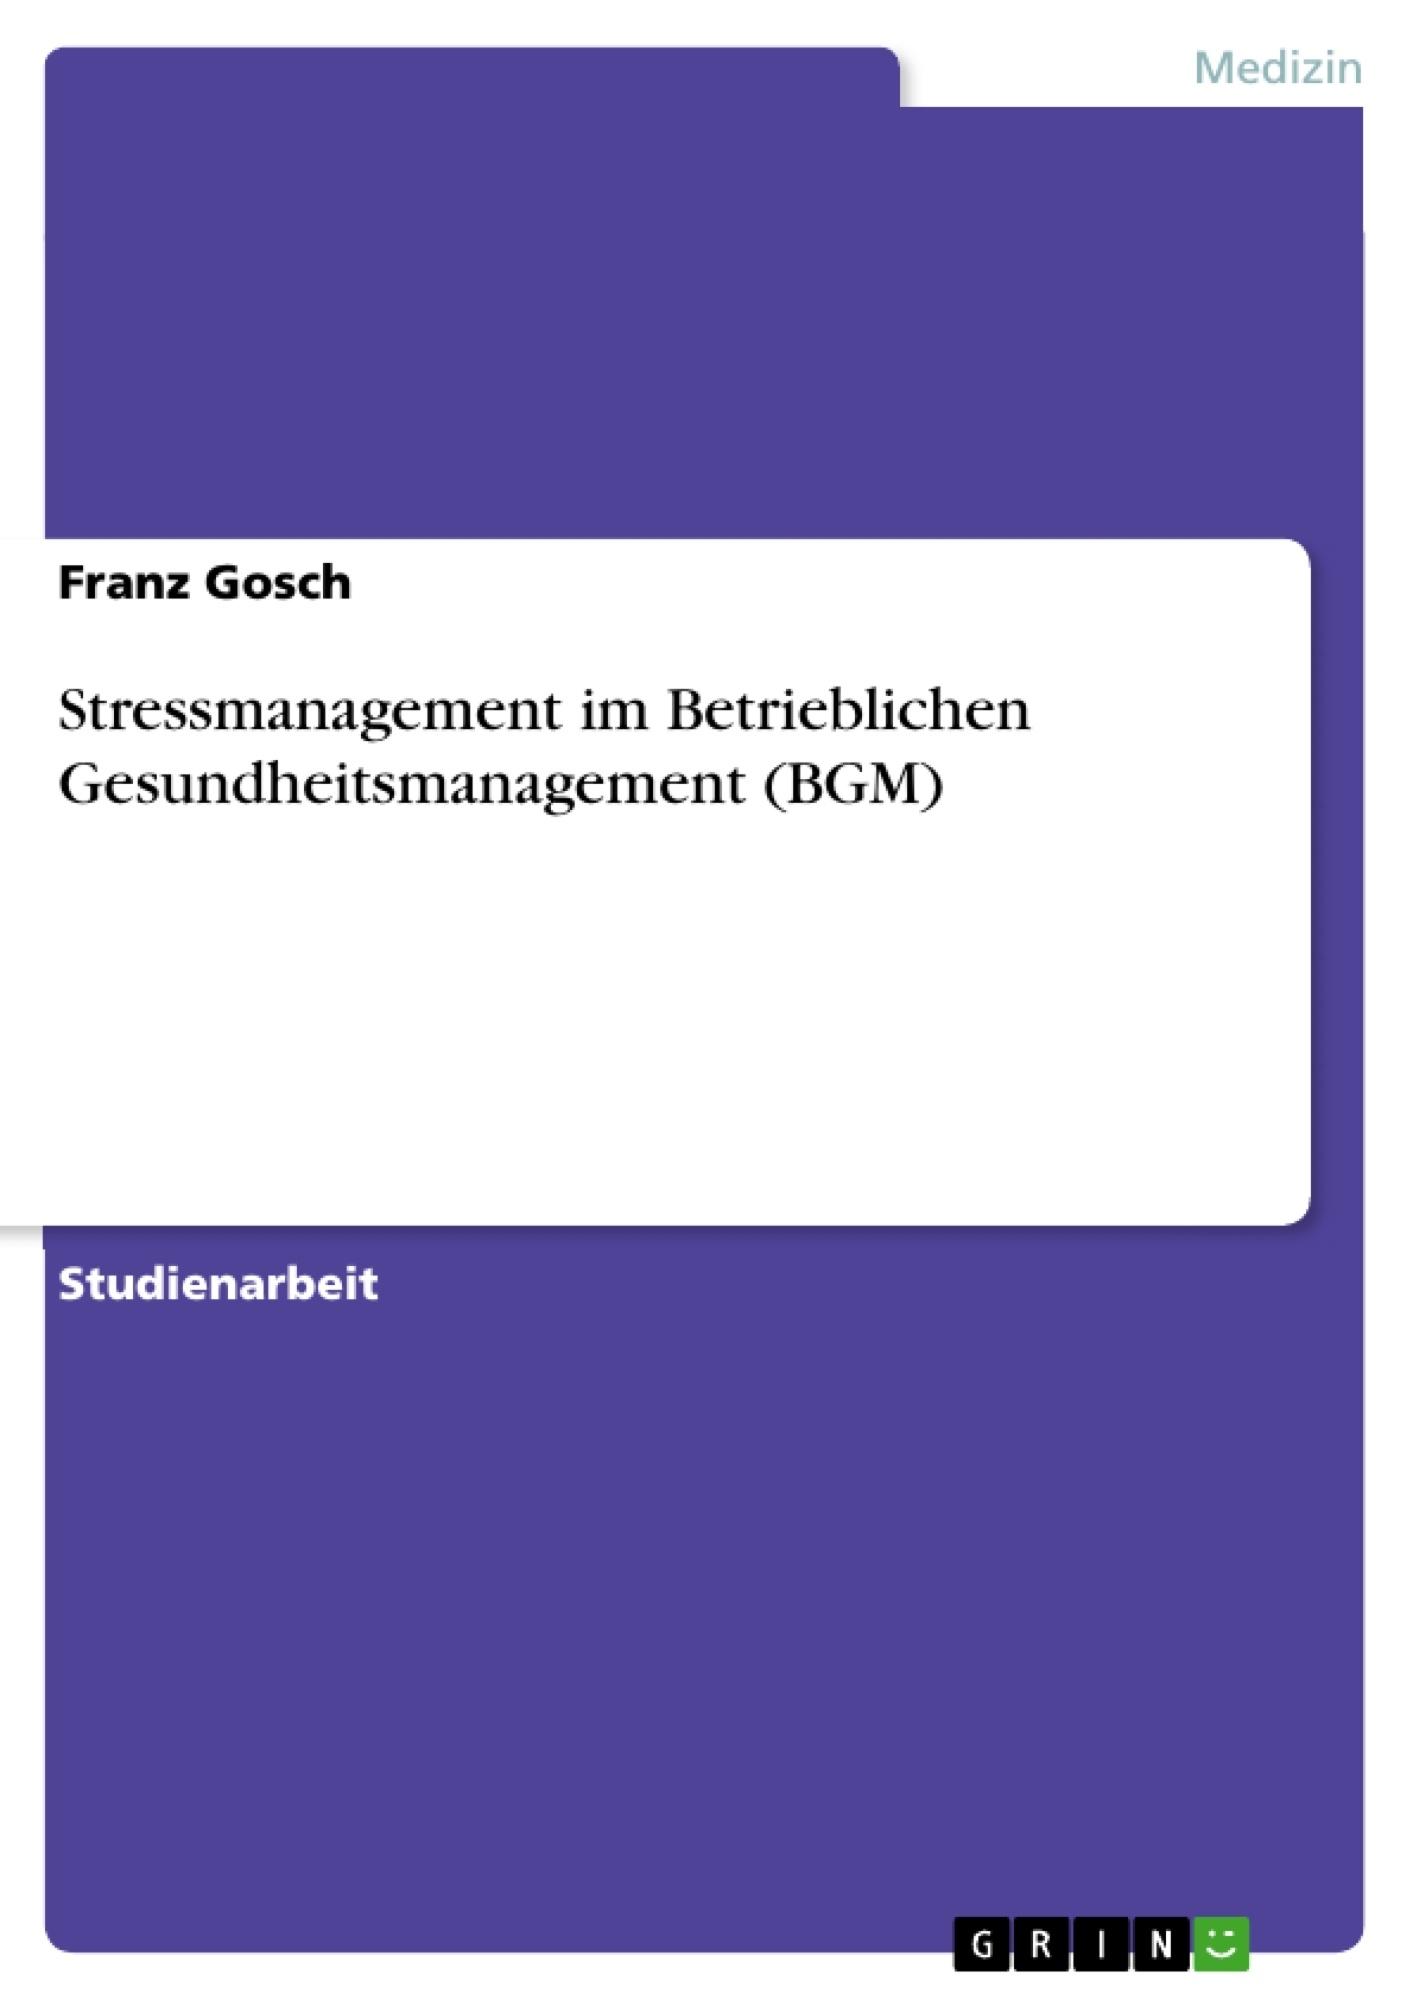 Titel: Stressmanagement im Betrieblichen Gesundheitsmanagement (BGM)